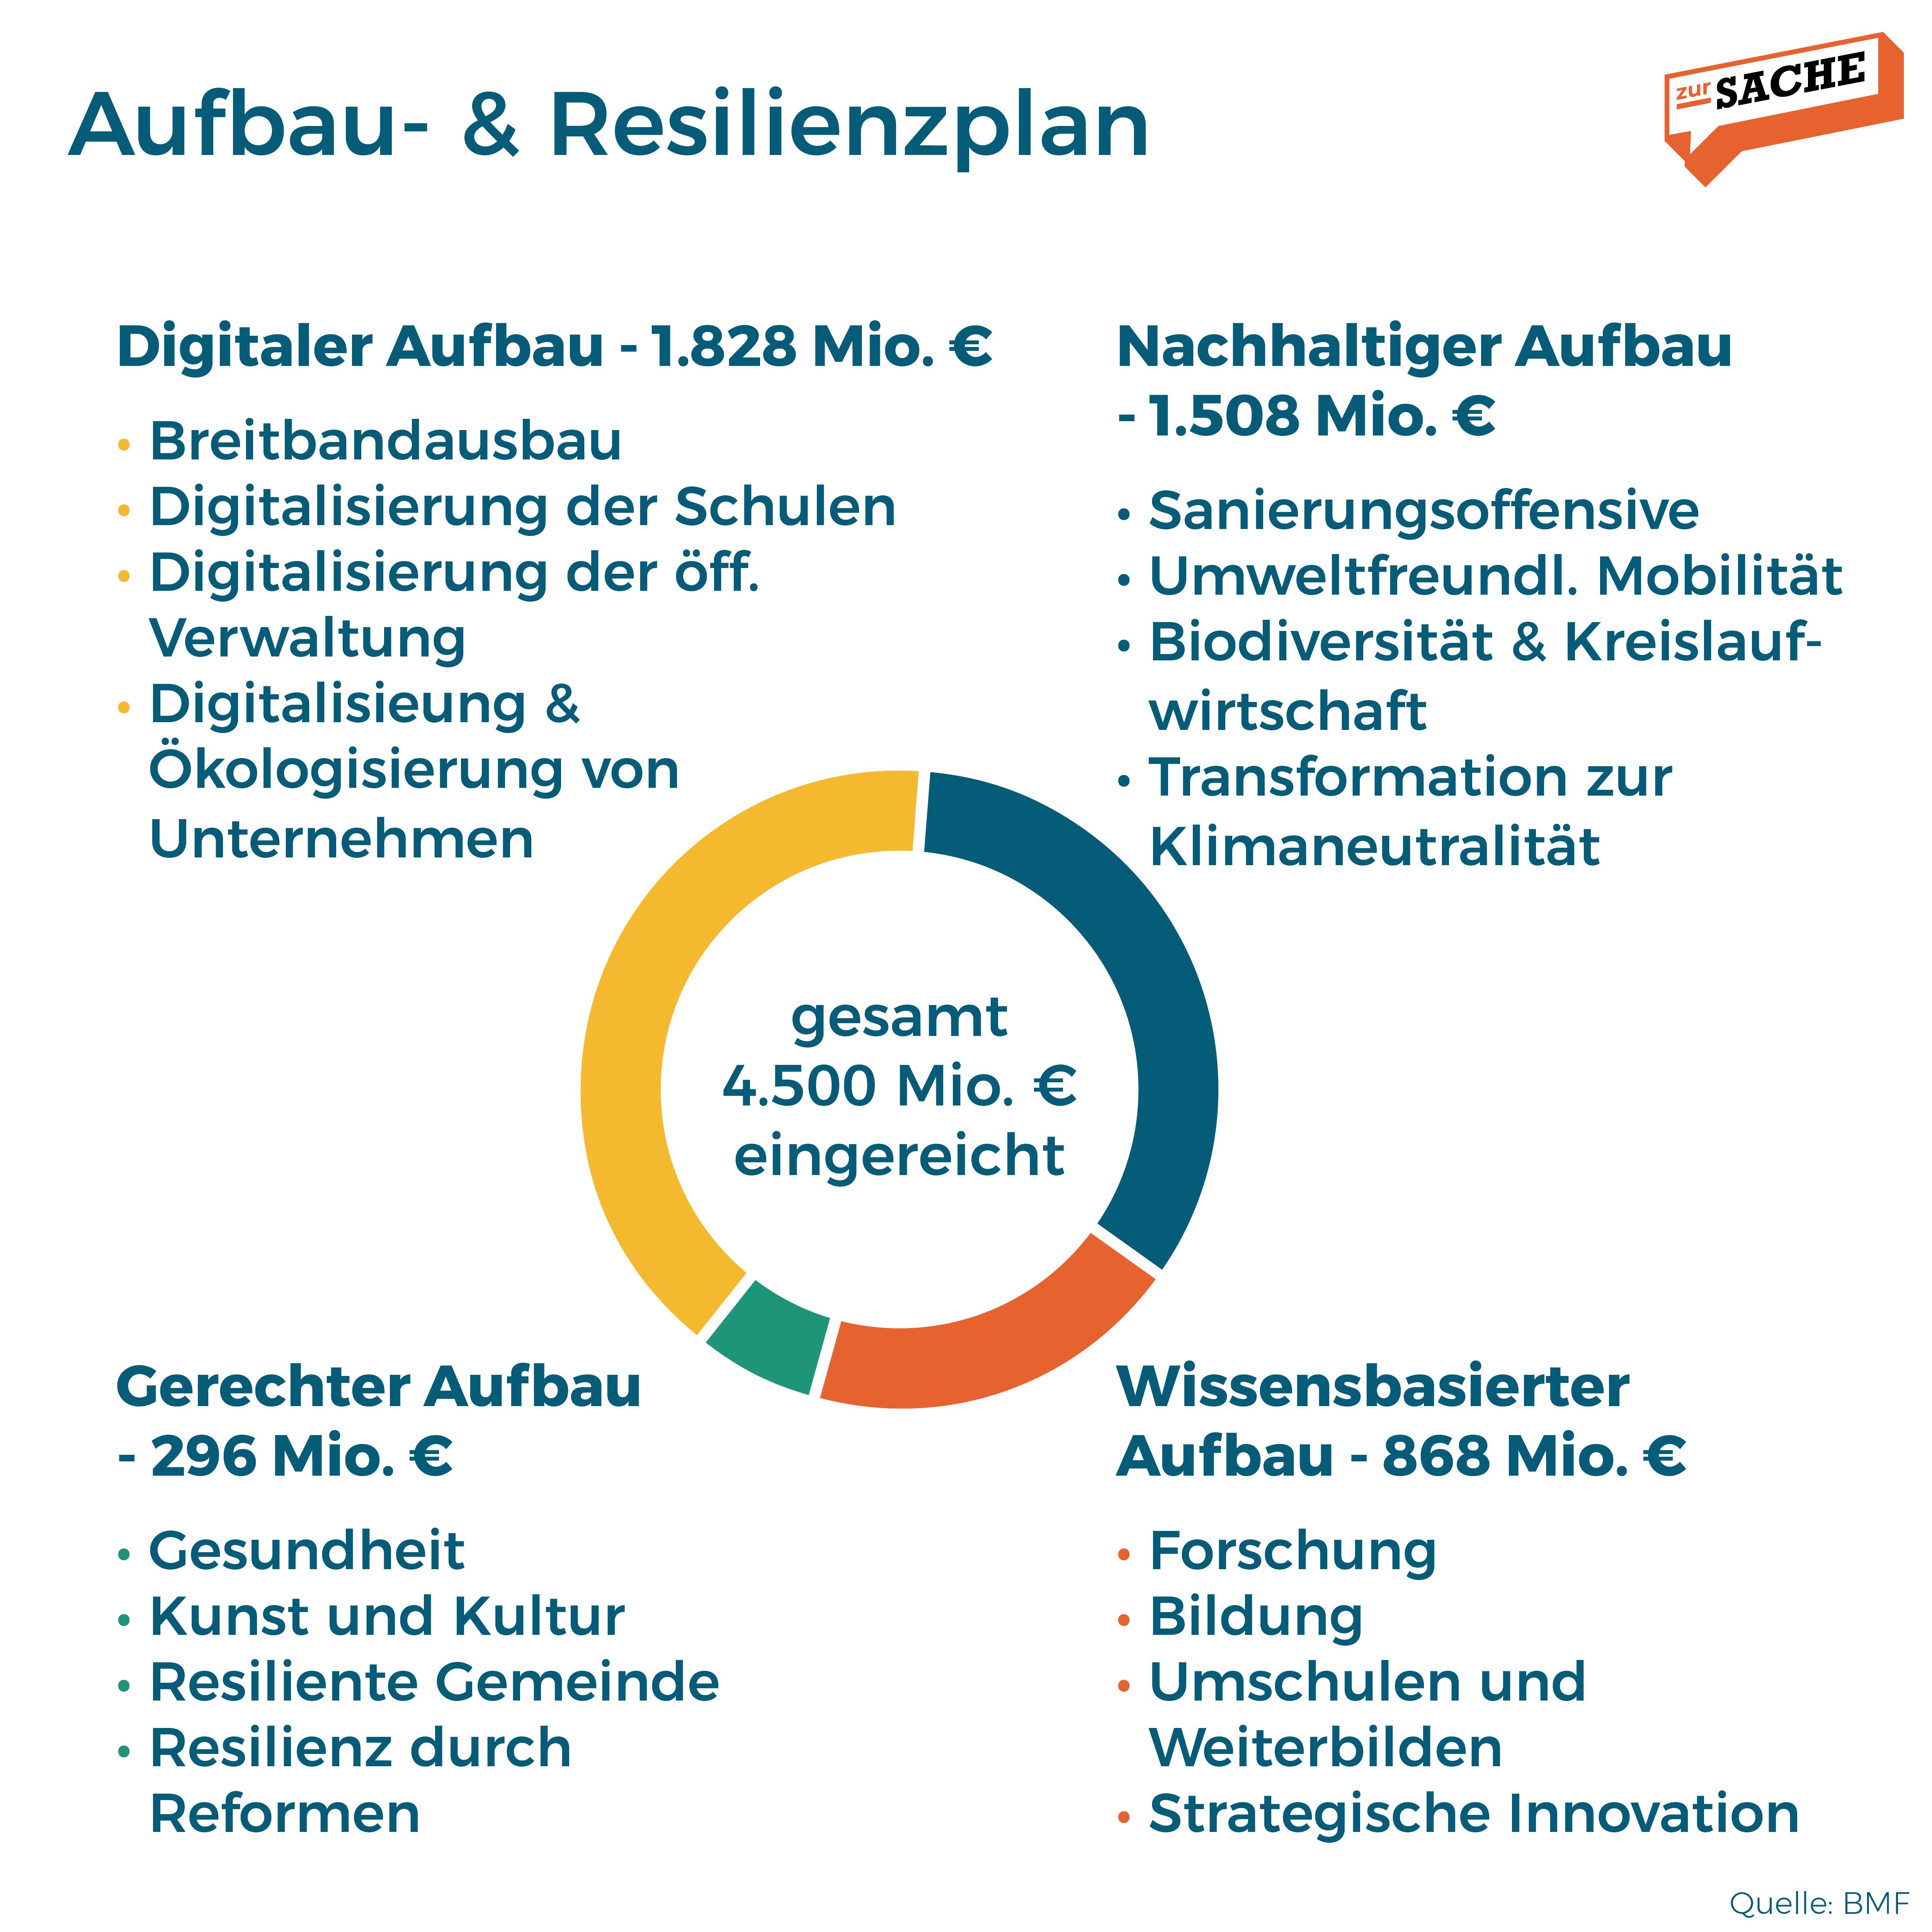 Eine Aufschlüsselung der Mittel aus dem Aufbau- und Resilienzplan. Grafik: Zur-Sache